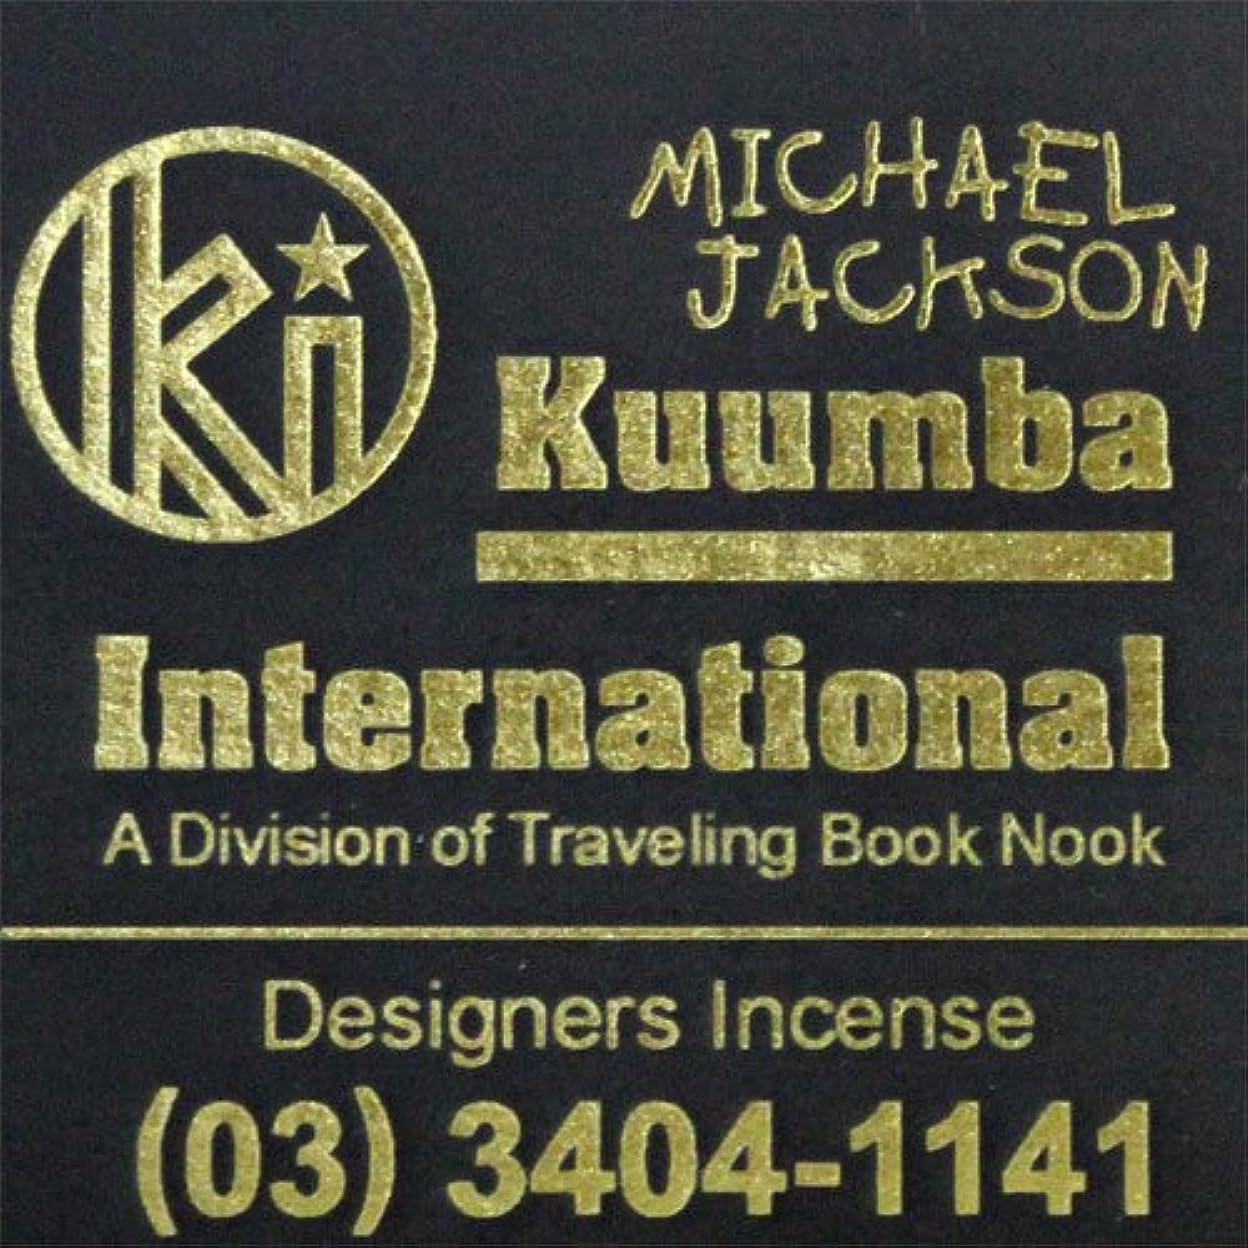 ご注意不運スチール(クンバ) KUUMBA『incense』(MICHAEL JACKSON) (Regular size)